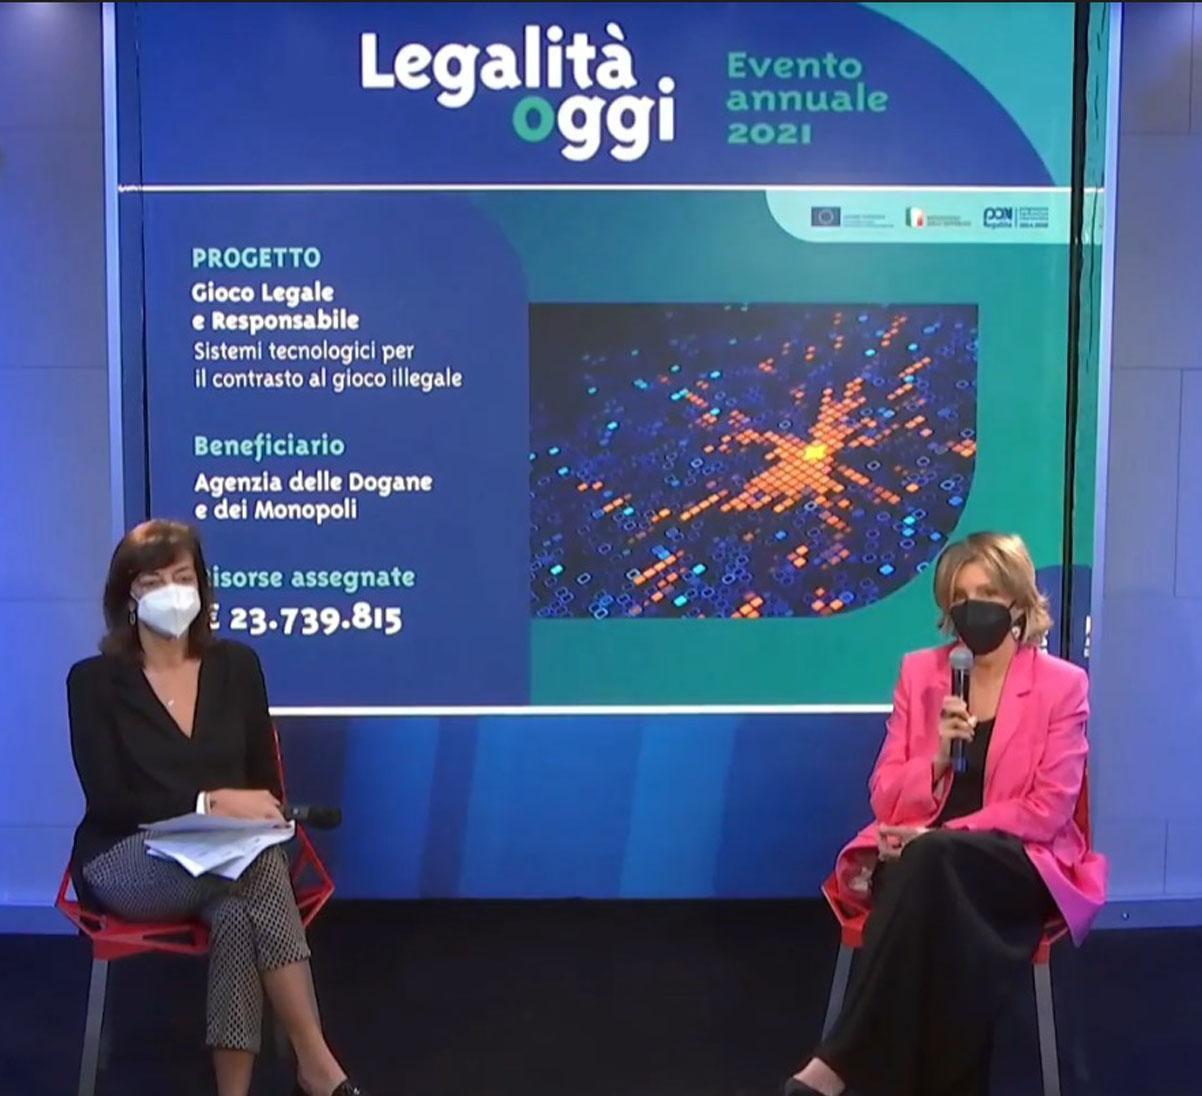 Evento annuale 2021 del PON Legalità